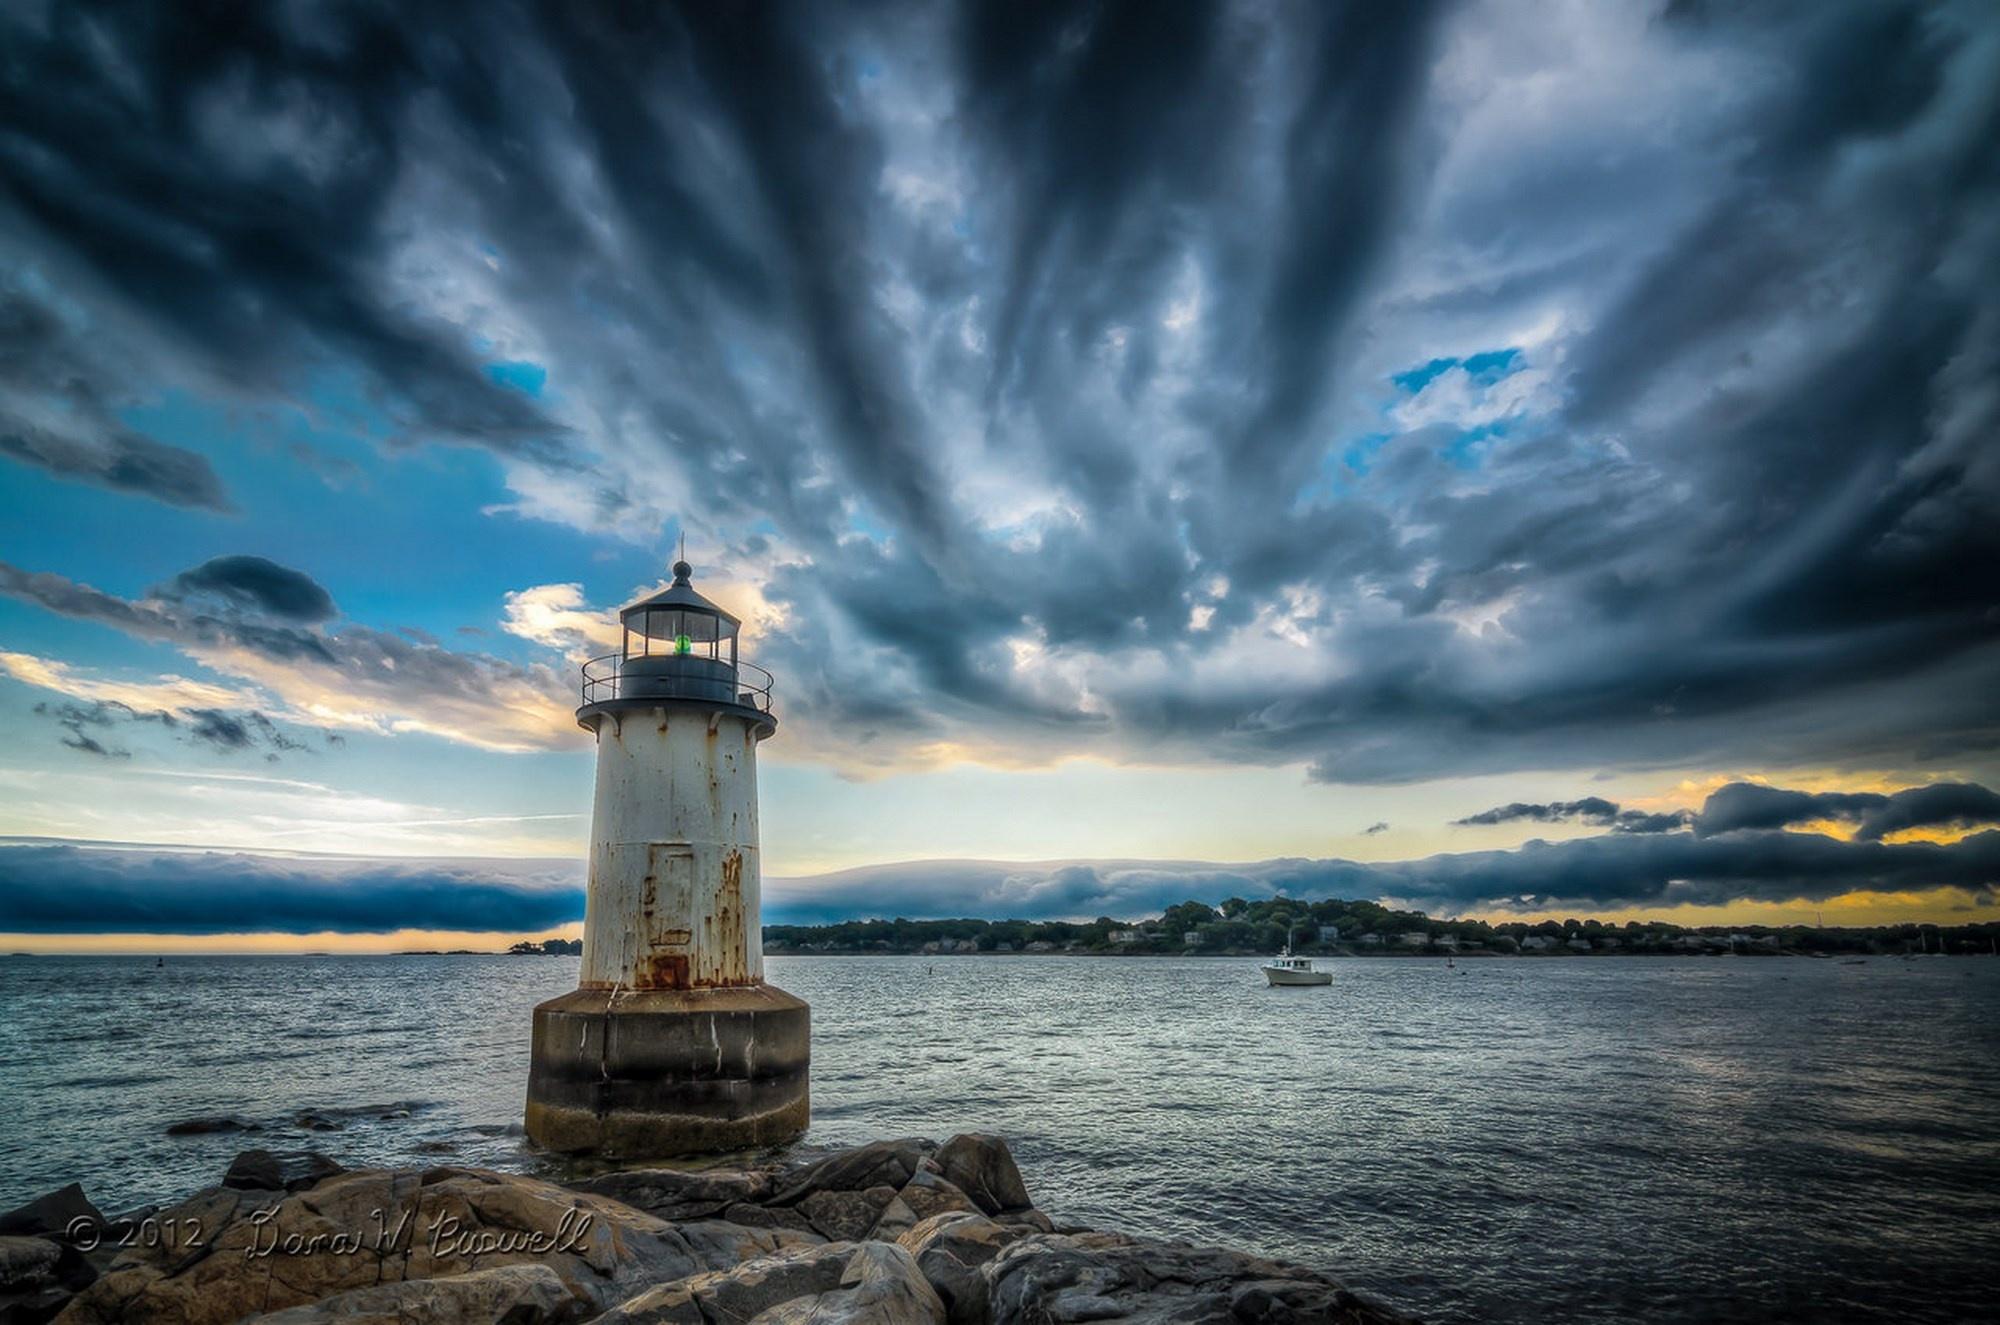 lighthouse desktop wallpaper 7900 - photo #23